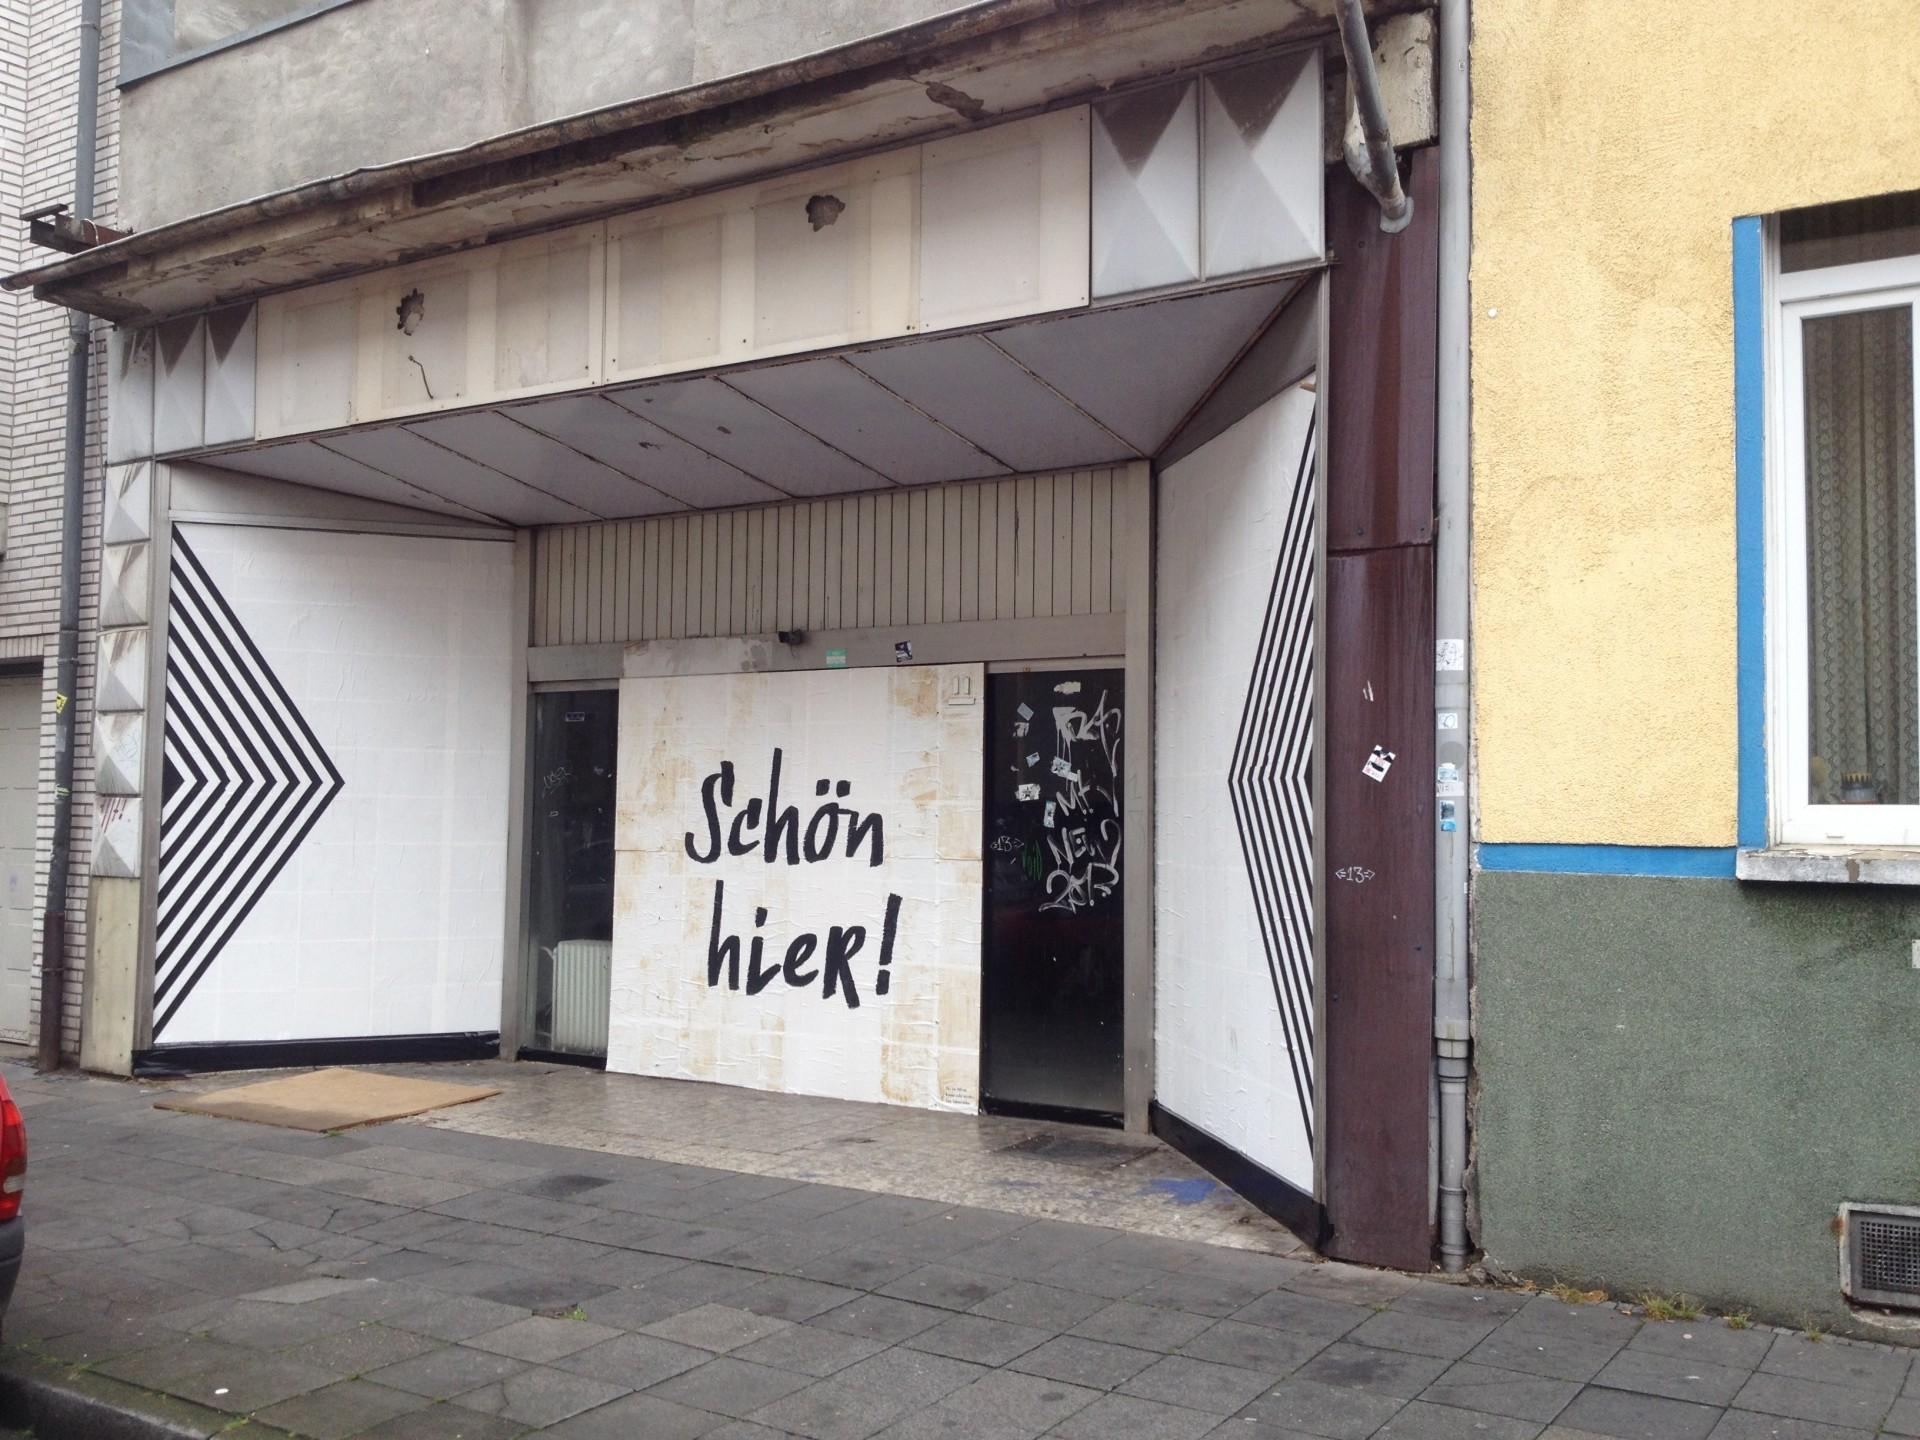 Gestaltung eines Schaufensters eines leeren Supermarkts in der Lewerentzstraße - Foto: Frauke Burgdorff, UNS/MUR